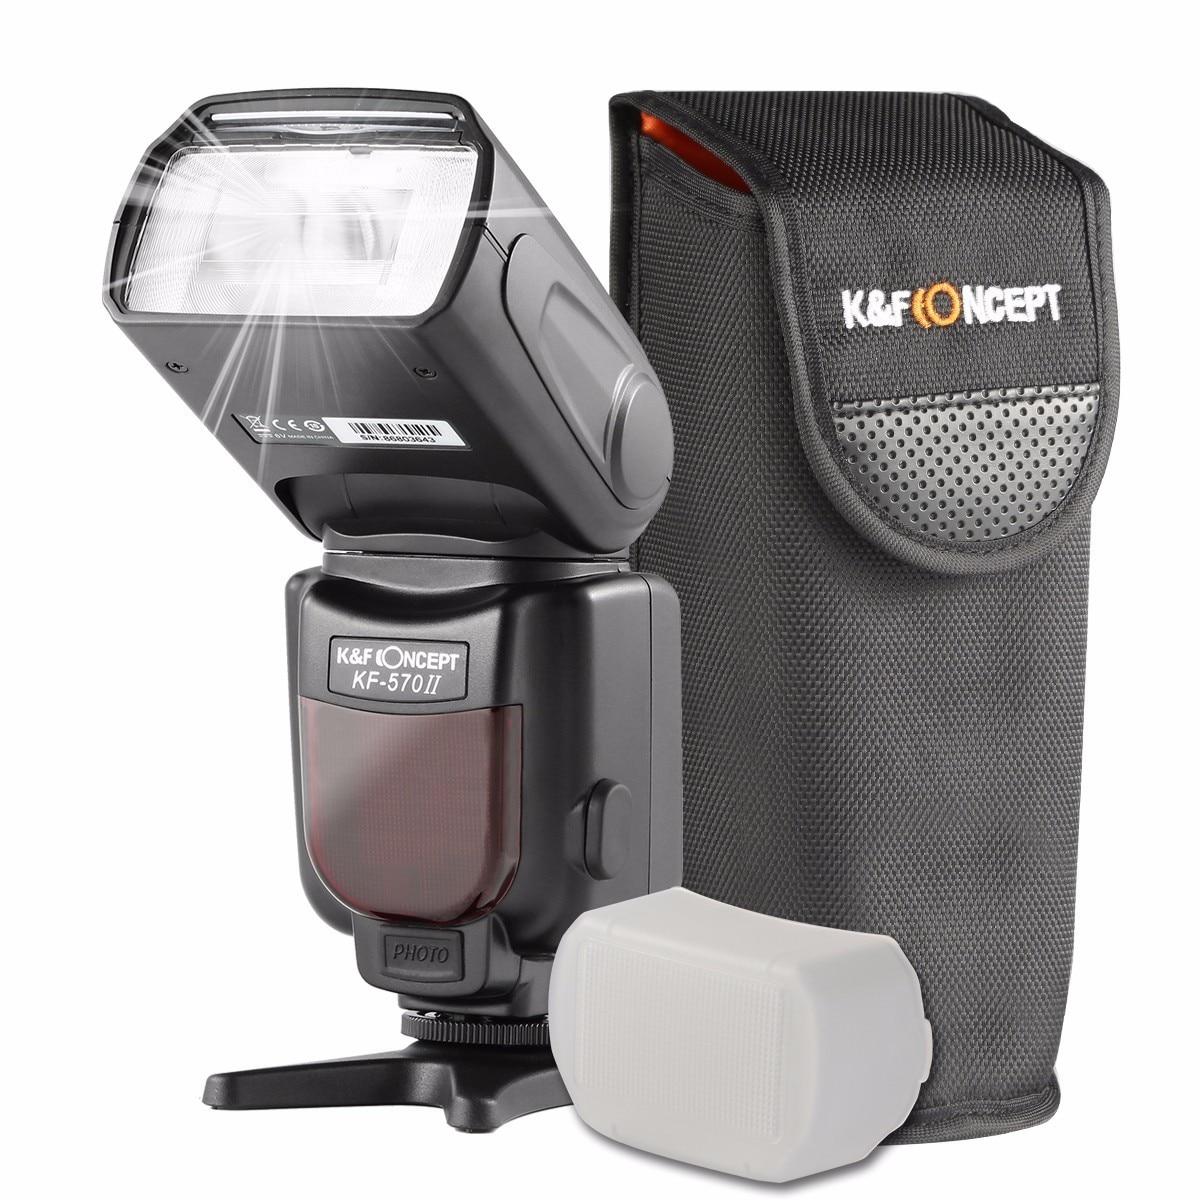 K & f concept kf-570 ii kamera wireless high speed flash speedlite - Kamera und Foto - Foto 6